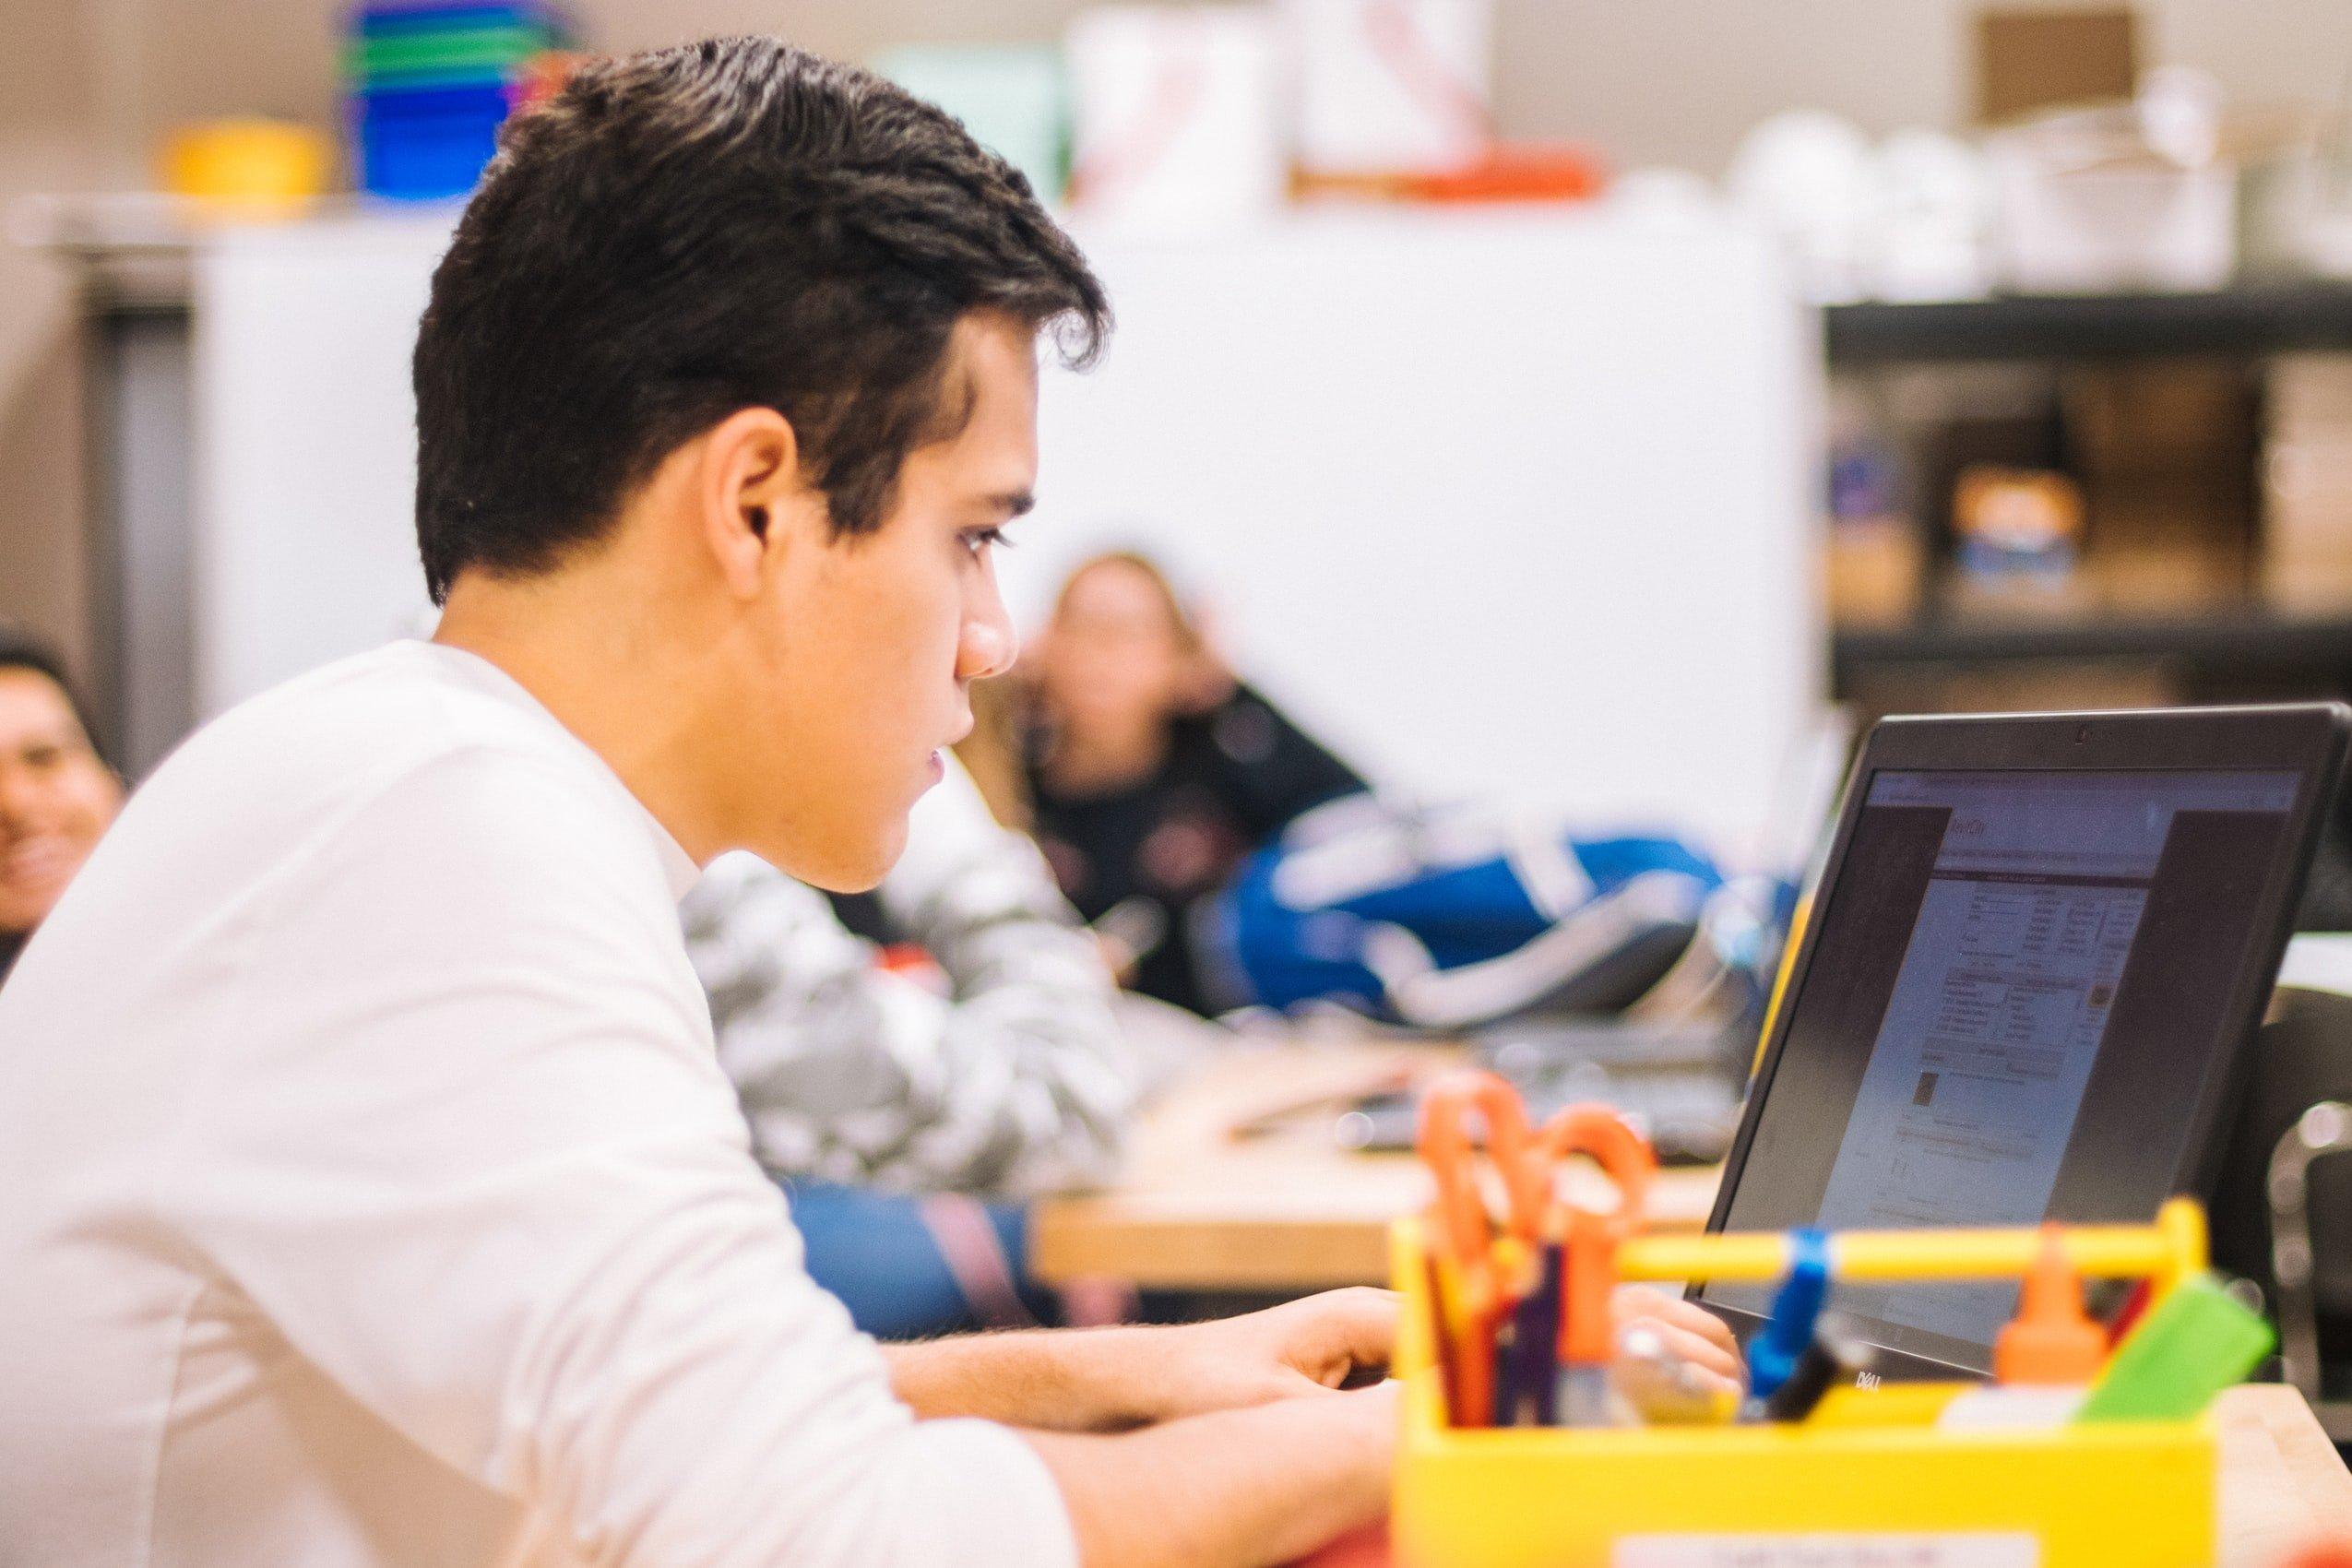 Schüler Laptop Unterricht